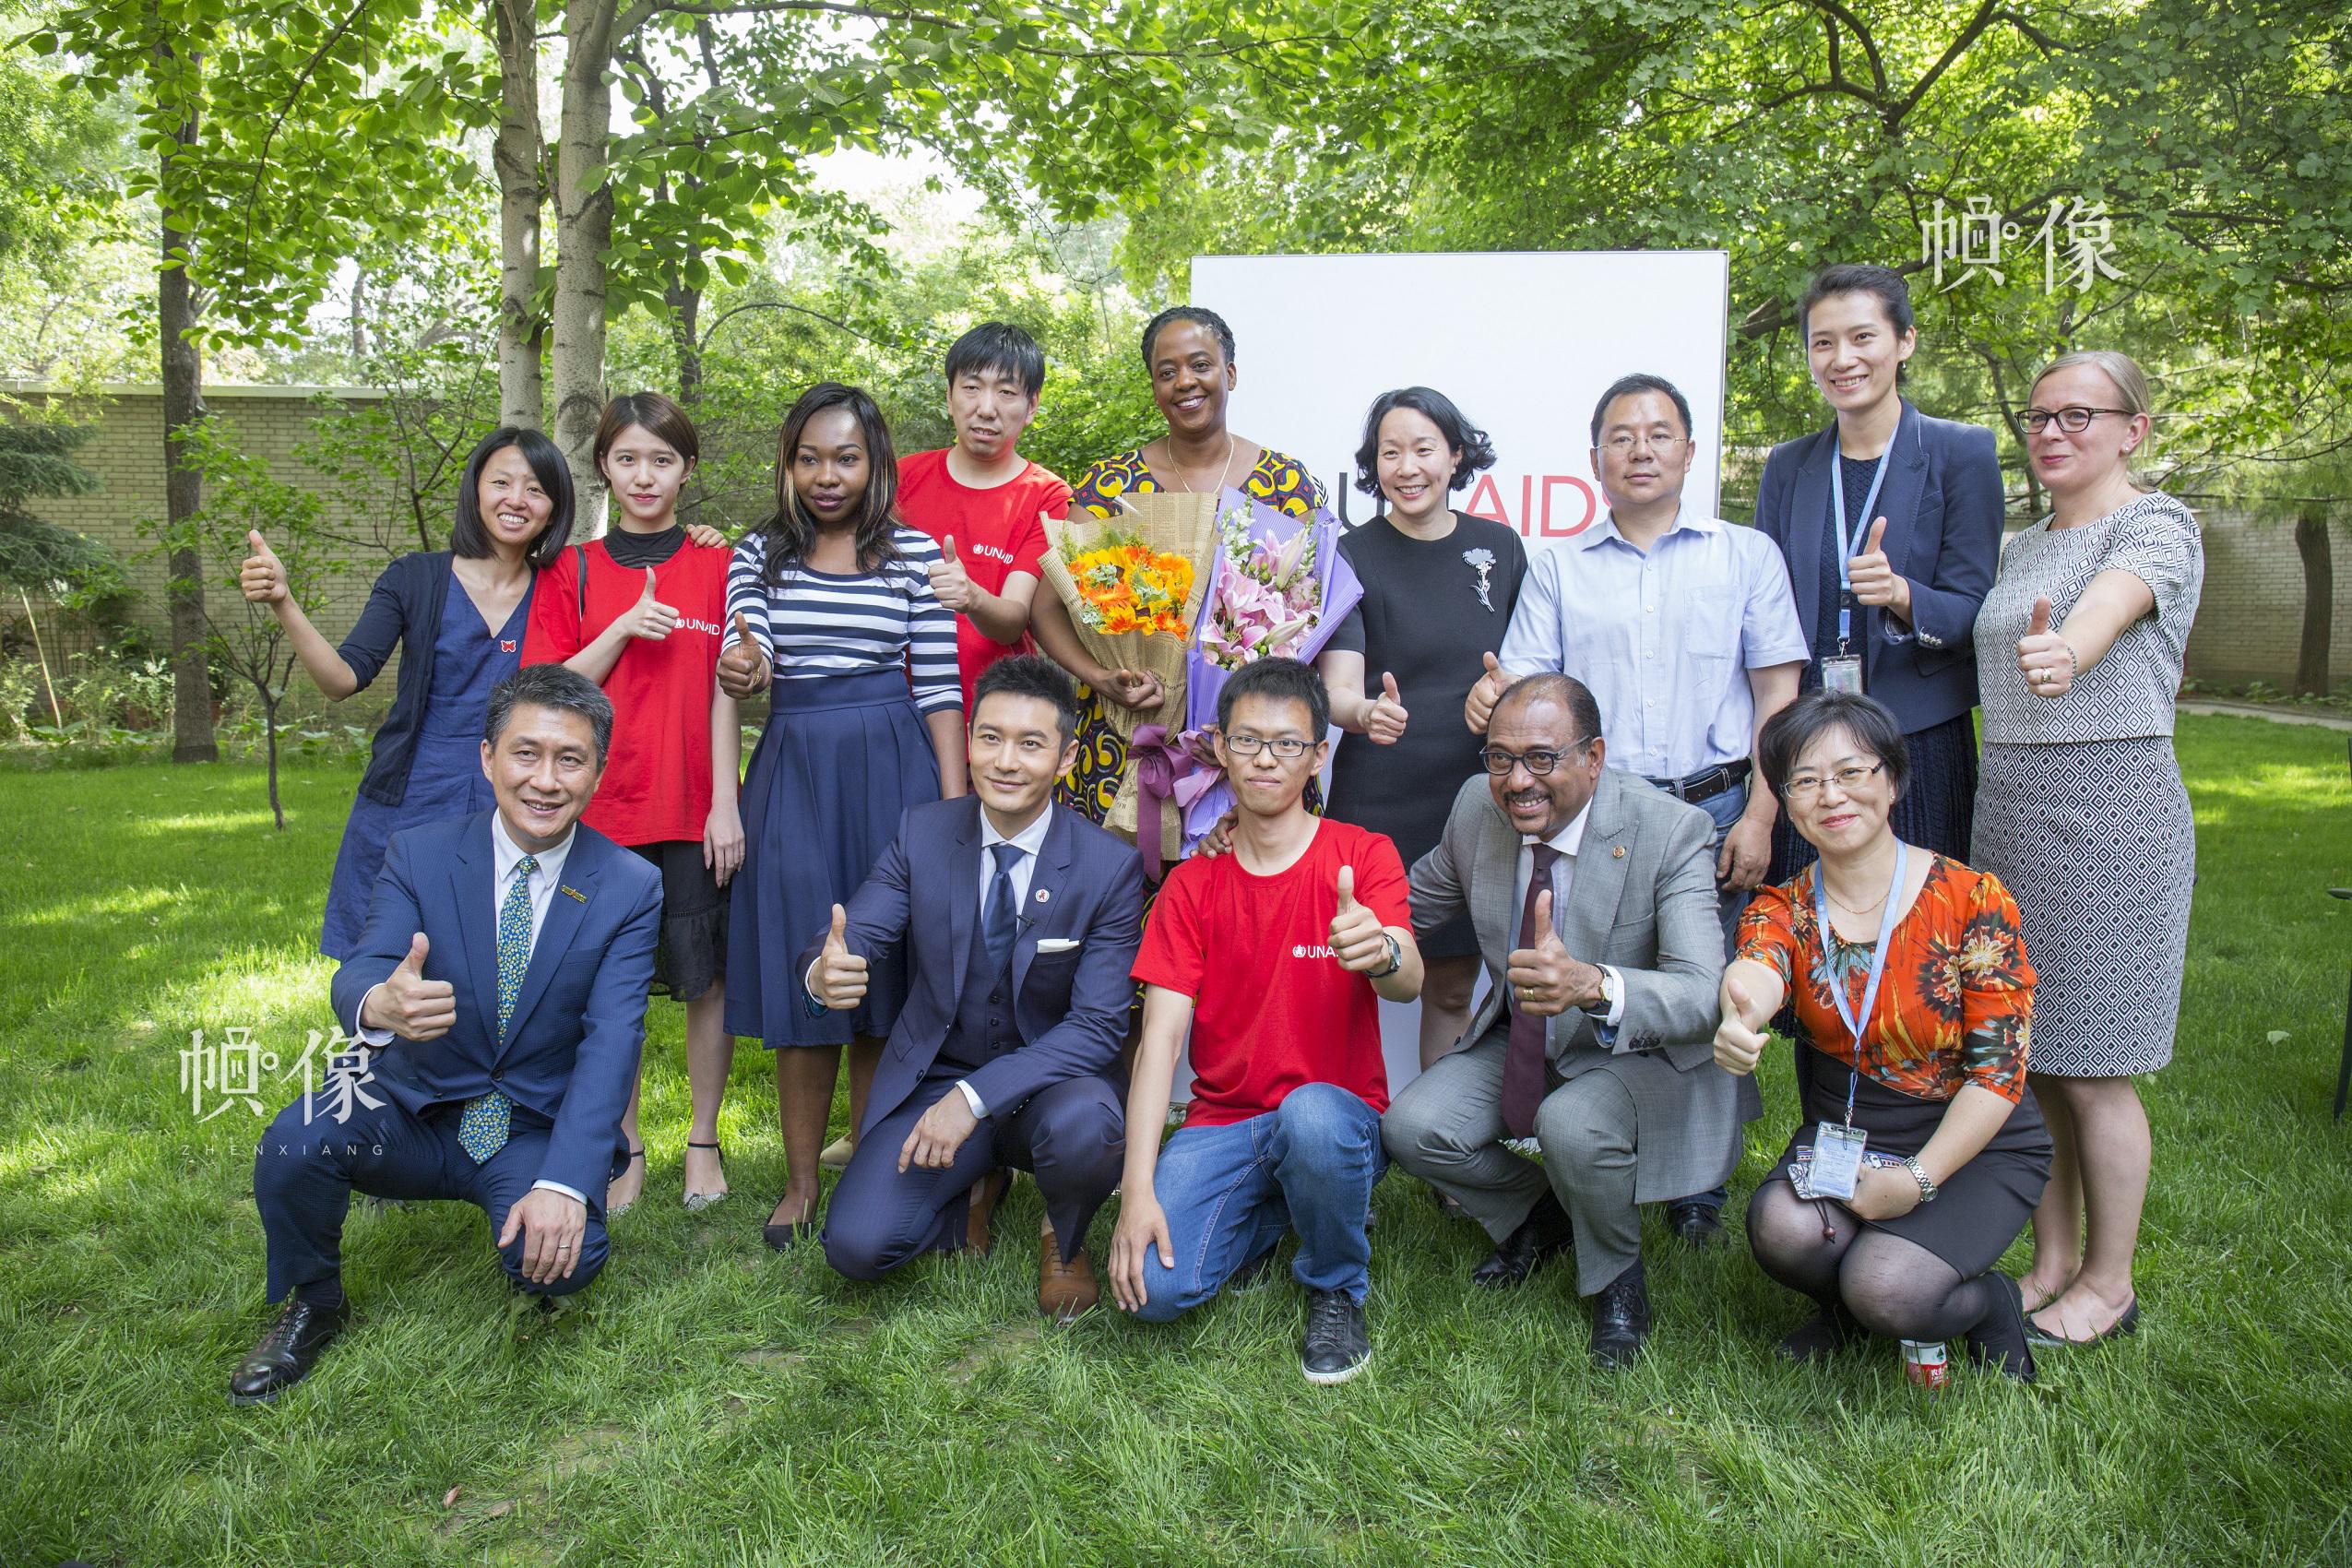 2017年5月12日,聯合國艾滋病規劃署工作人員與聯合國艾滋病親善大使黃曉明合影。中國網記者 高南 攝